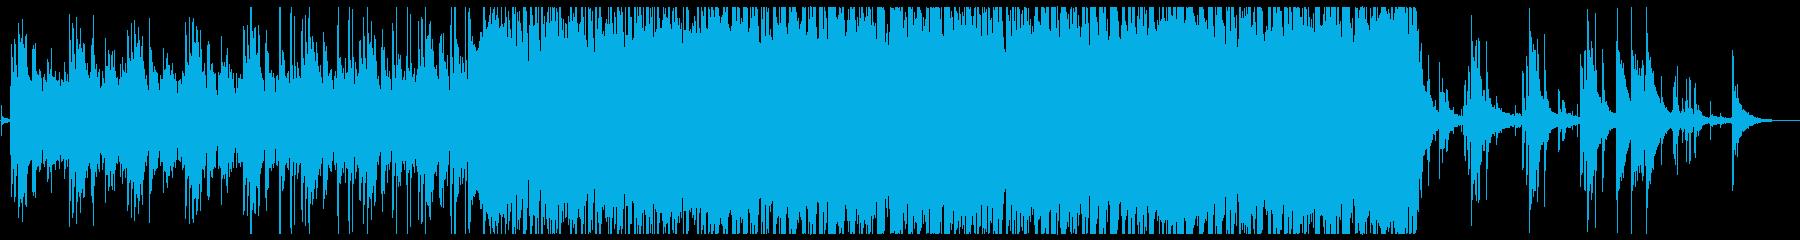 水をイメージしたピアノメインのインストの再生済みの波形